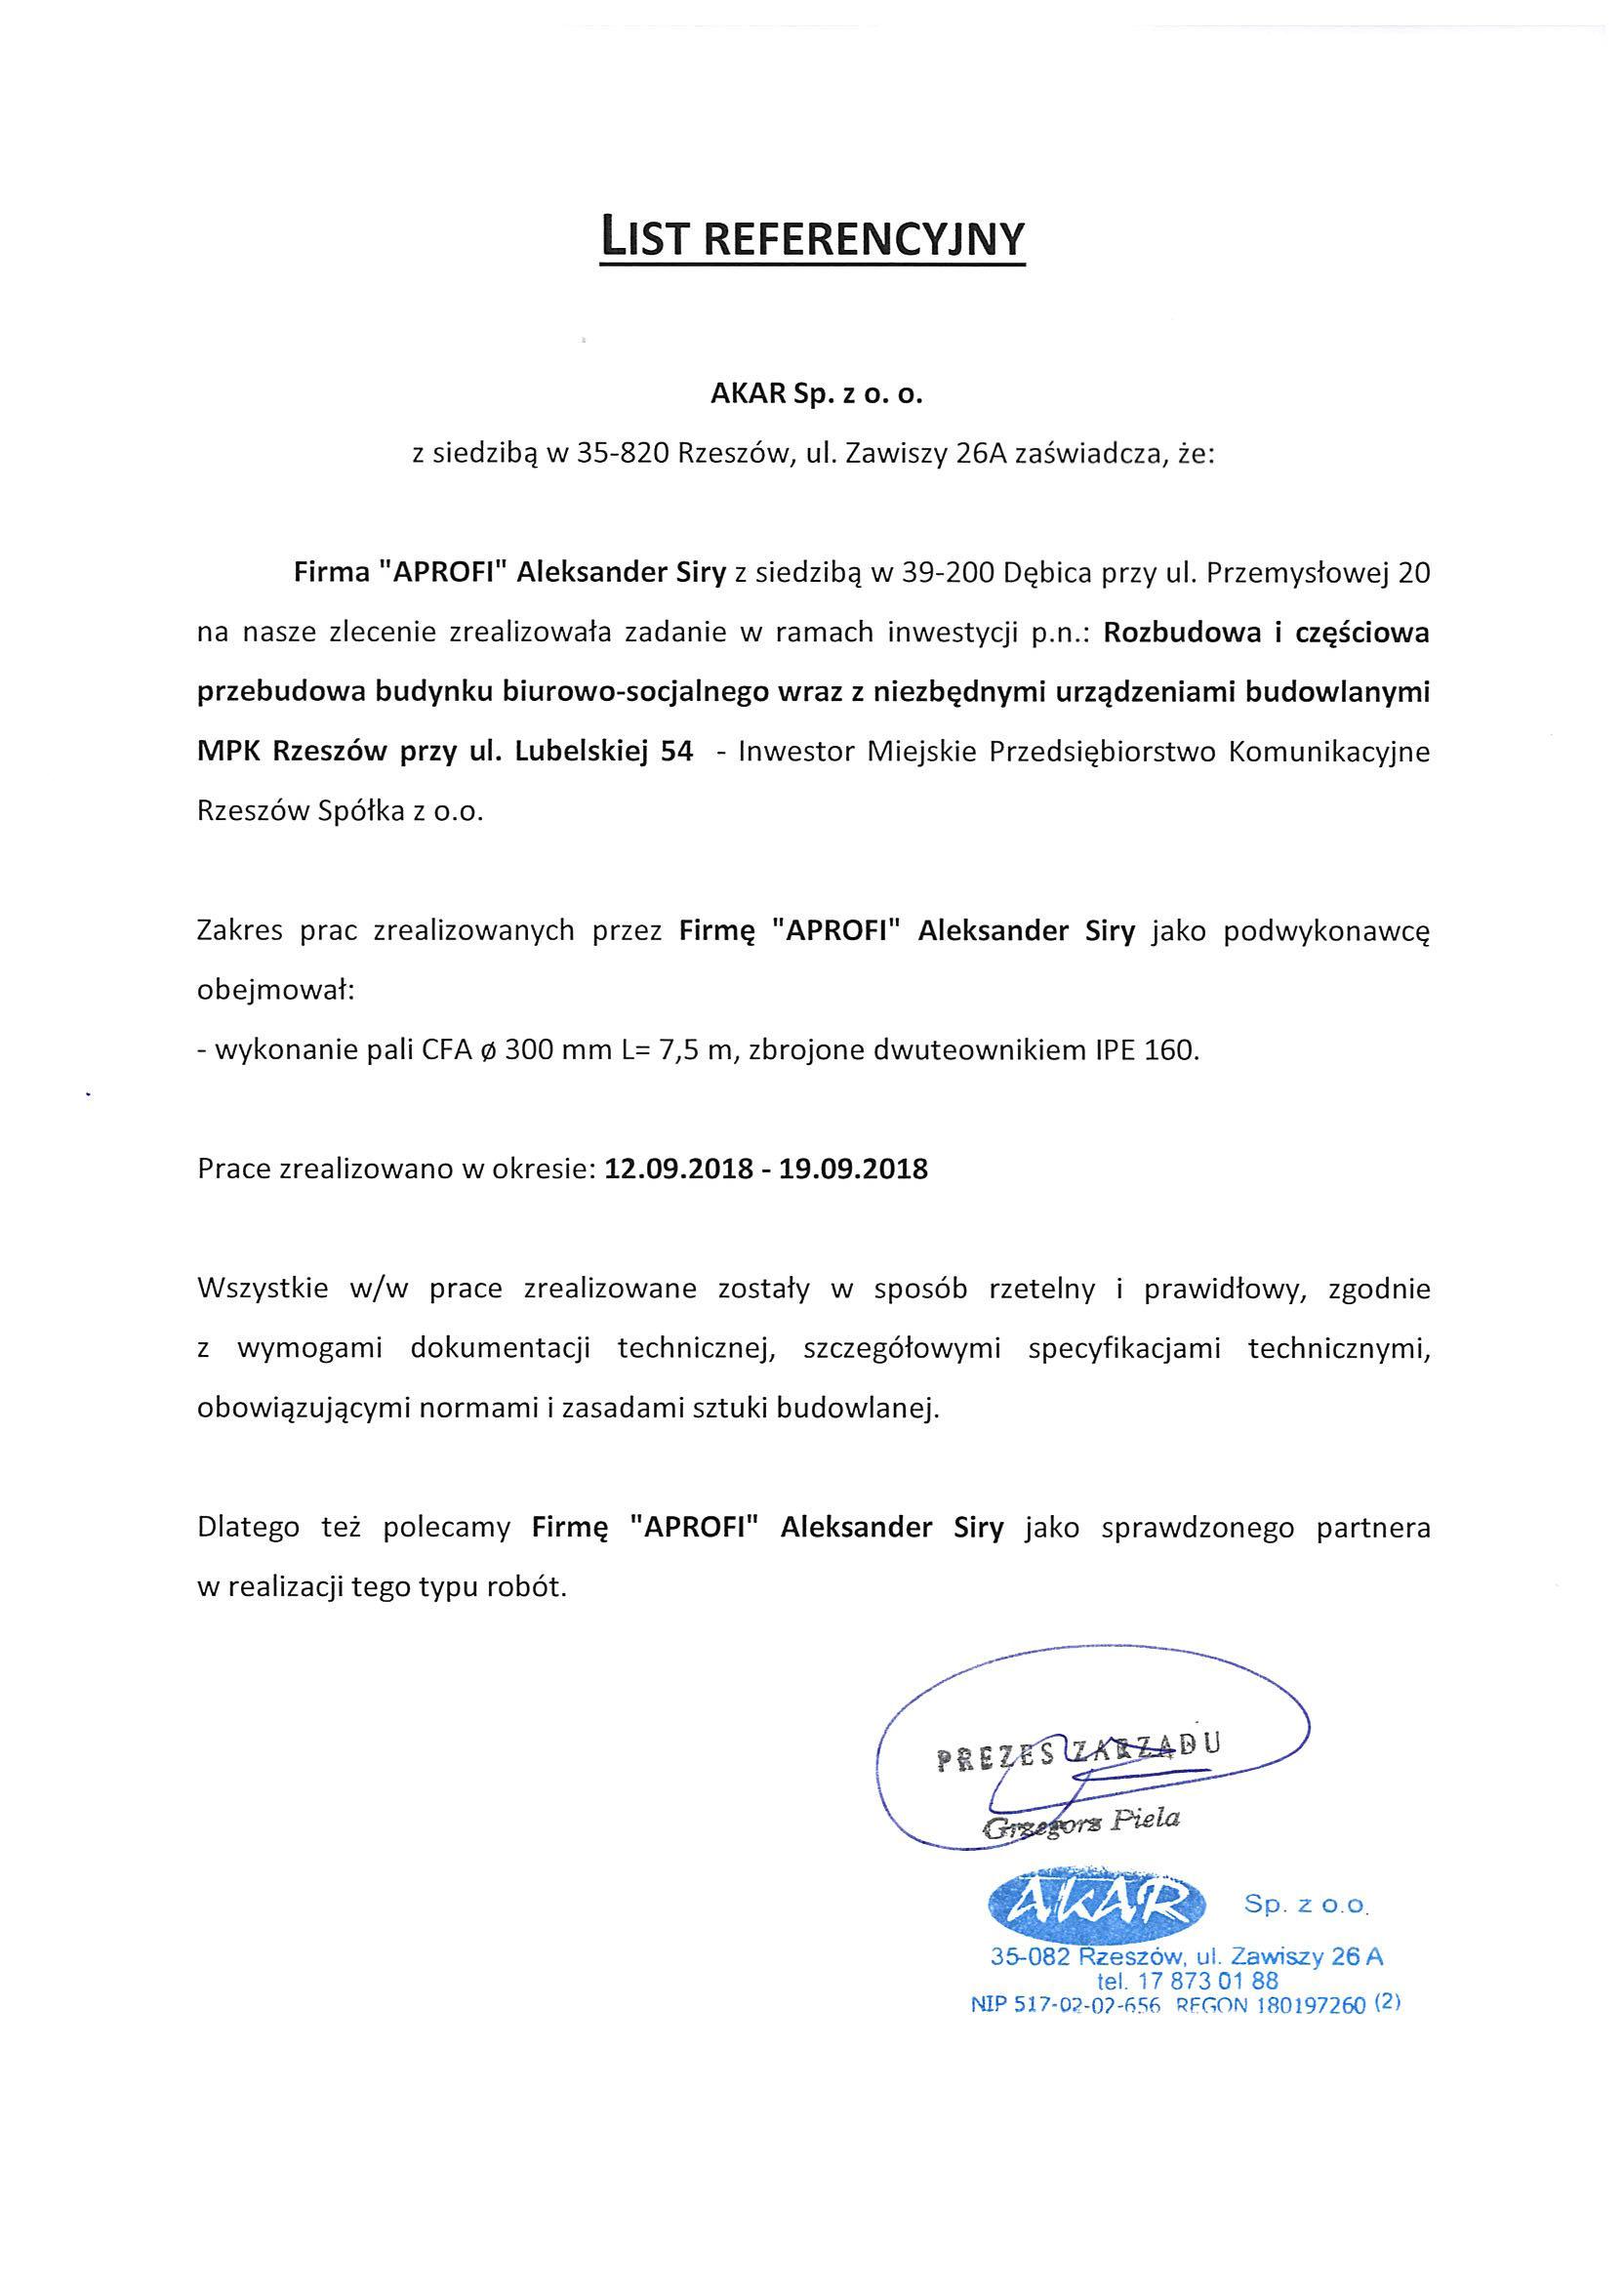 List referencyjny realizacji pali CFA dla MPK Rzeszów